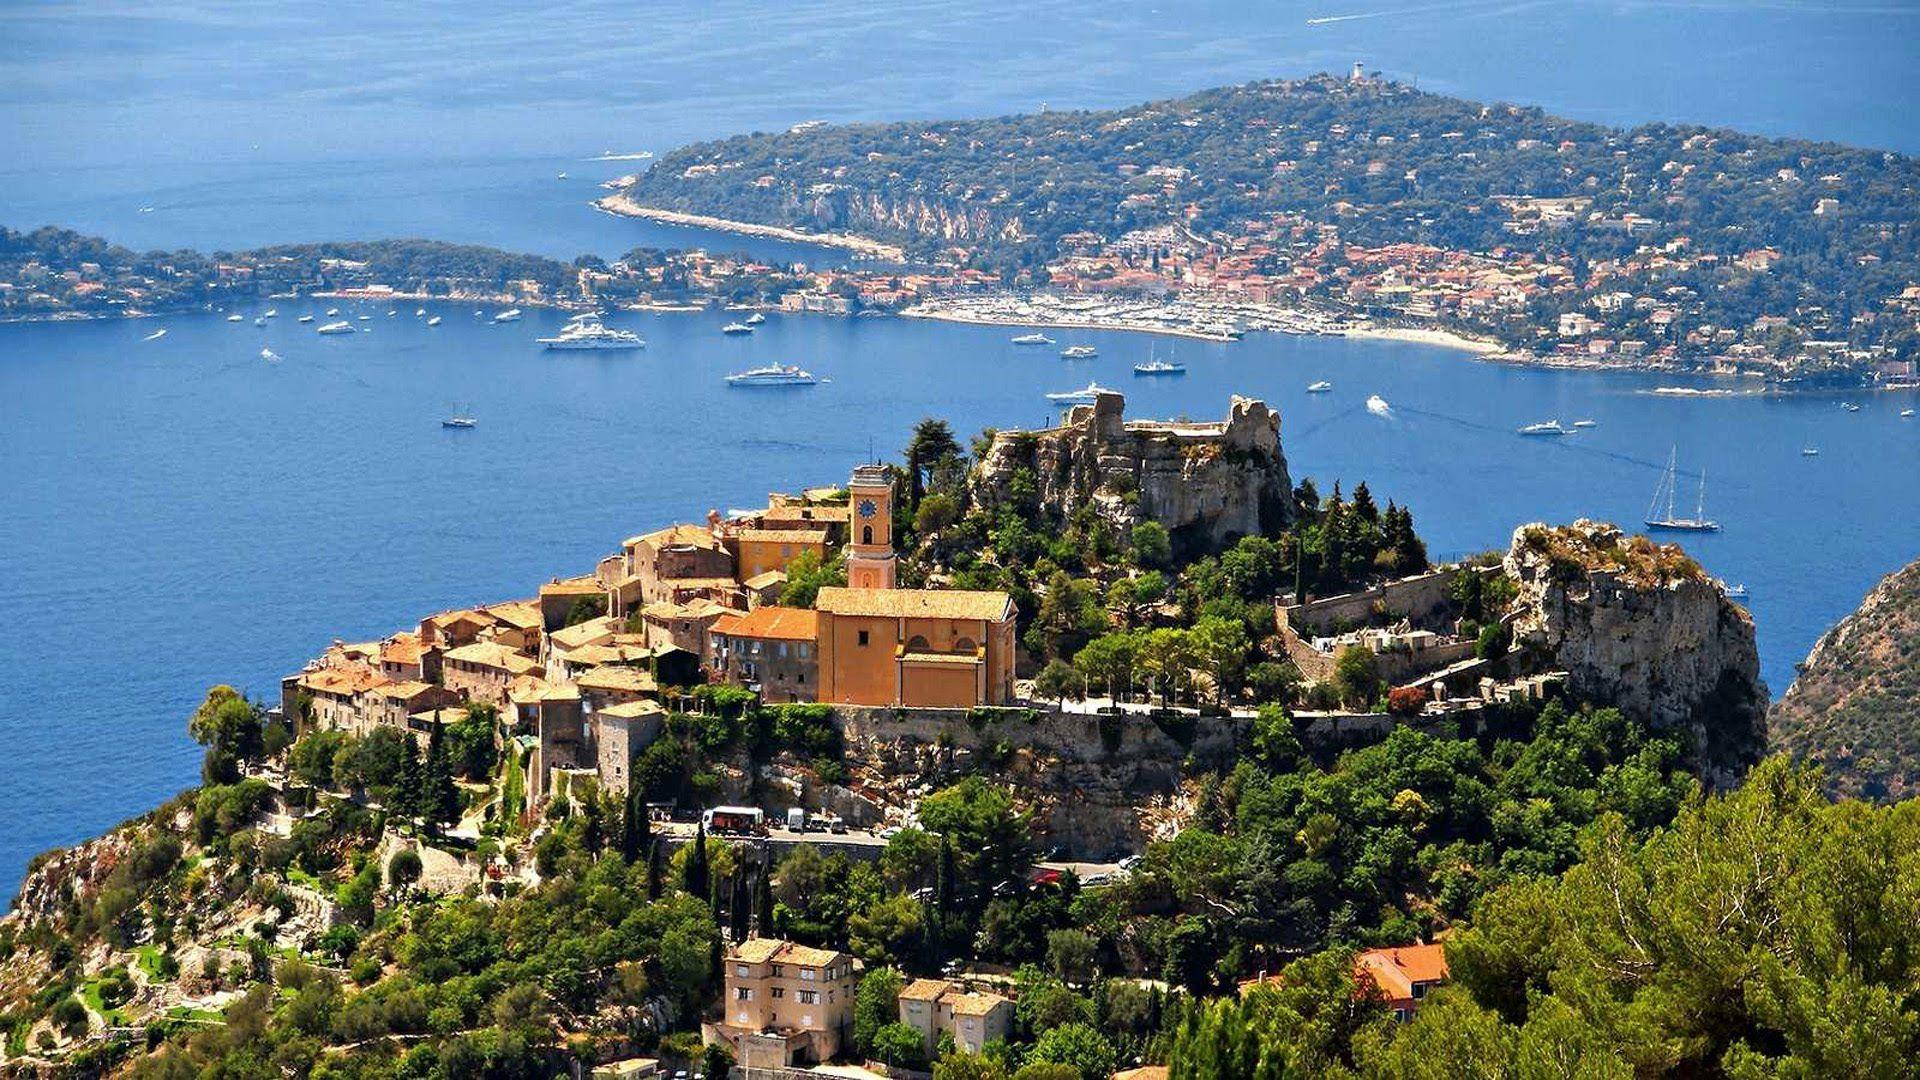 Èze, el pueblo medieval escondido en la mágica Costa Azul francesa